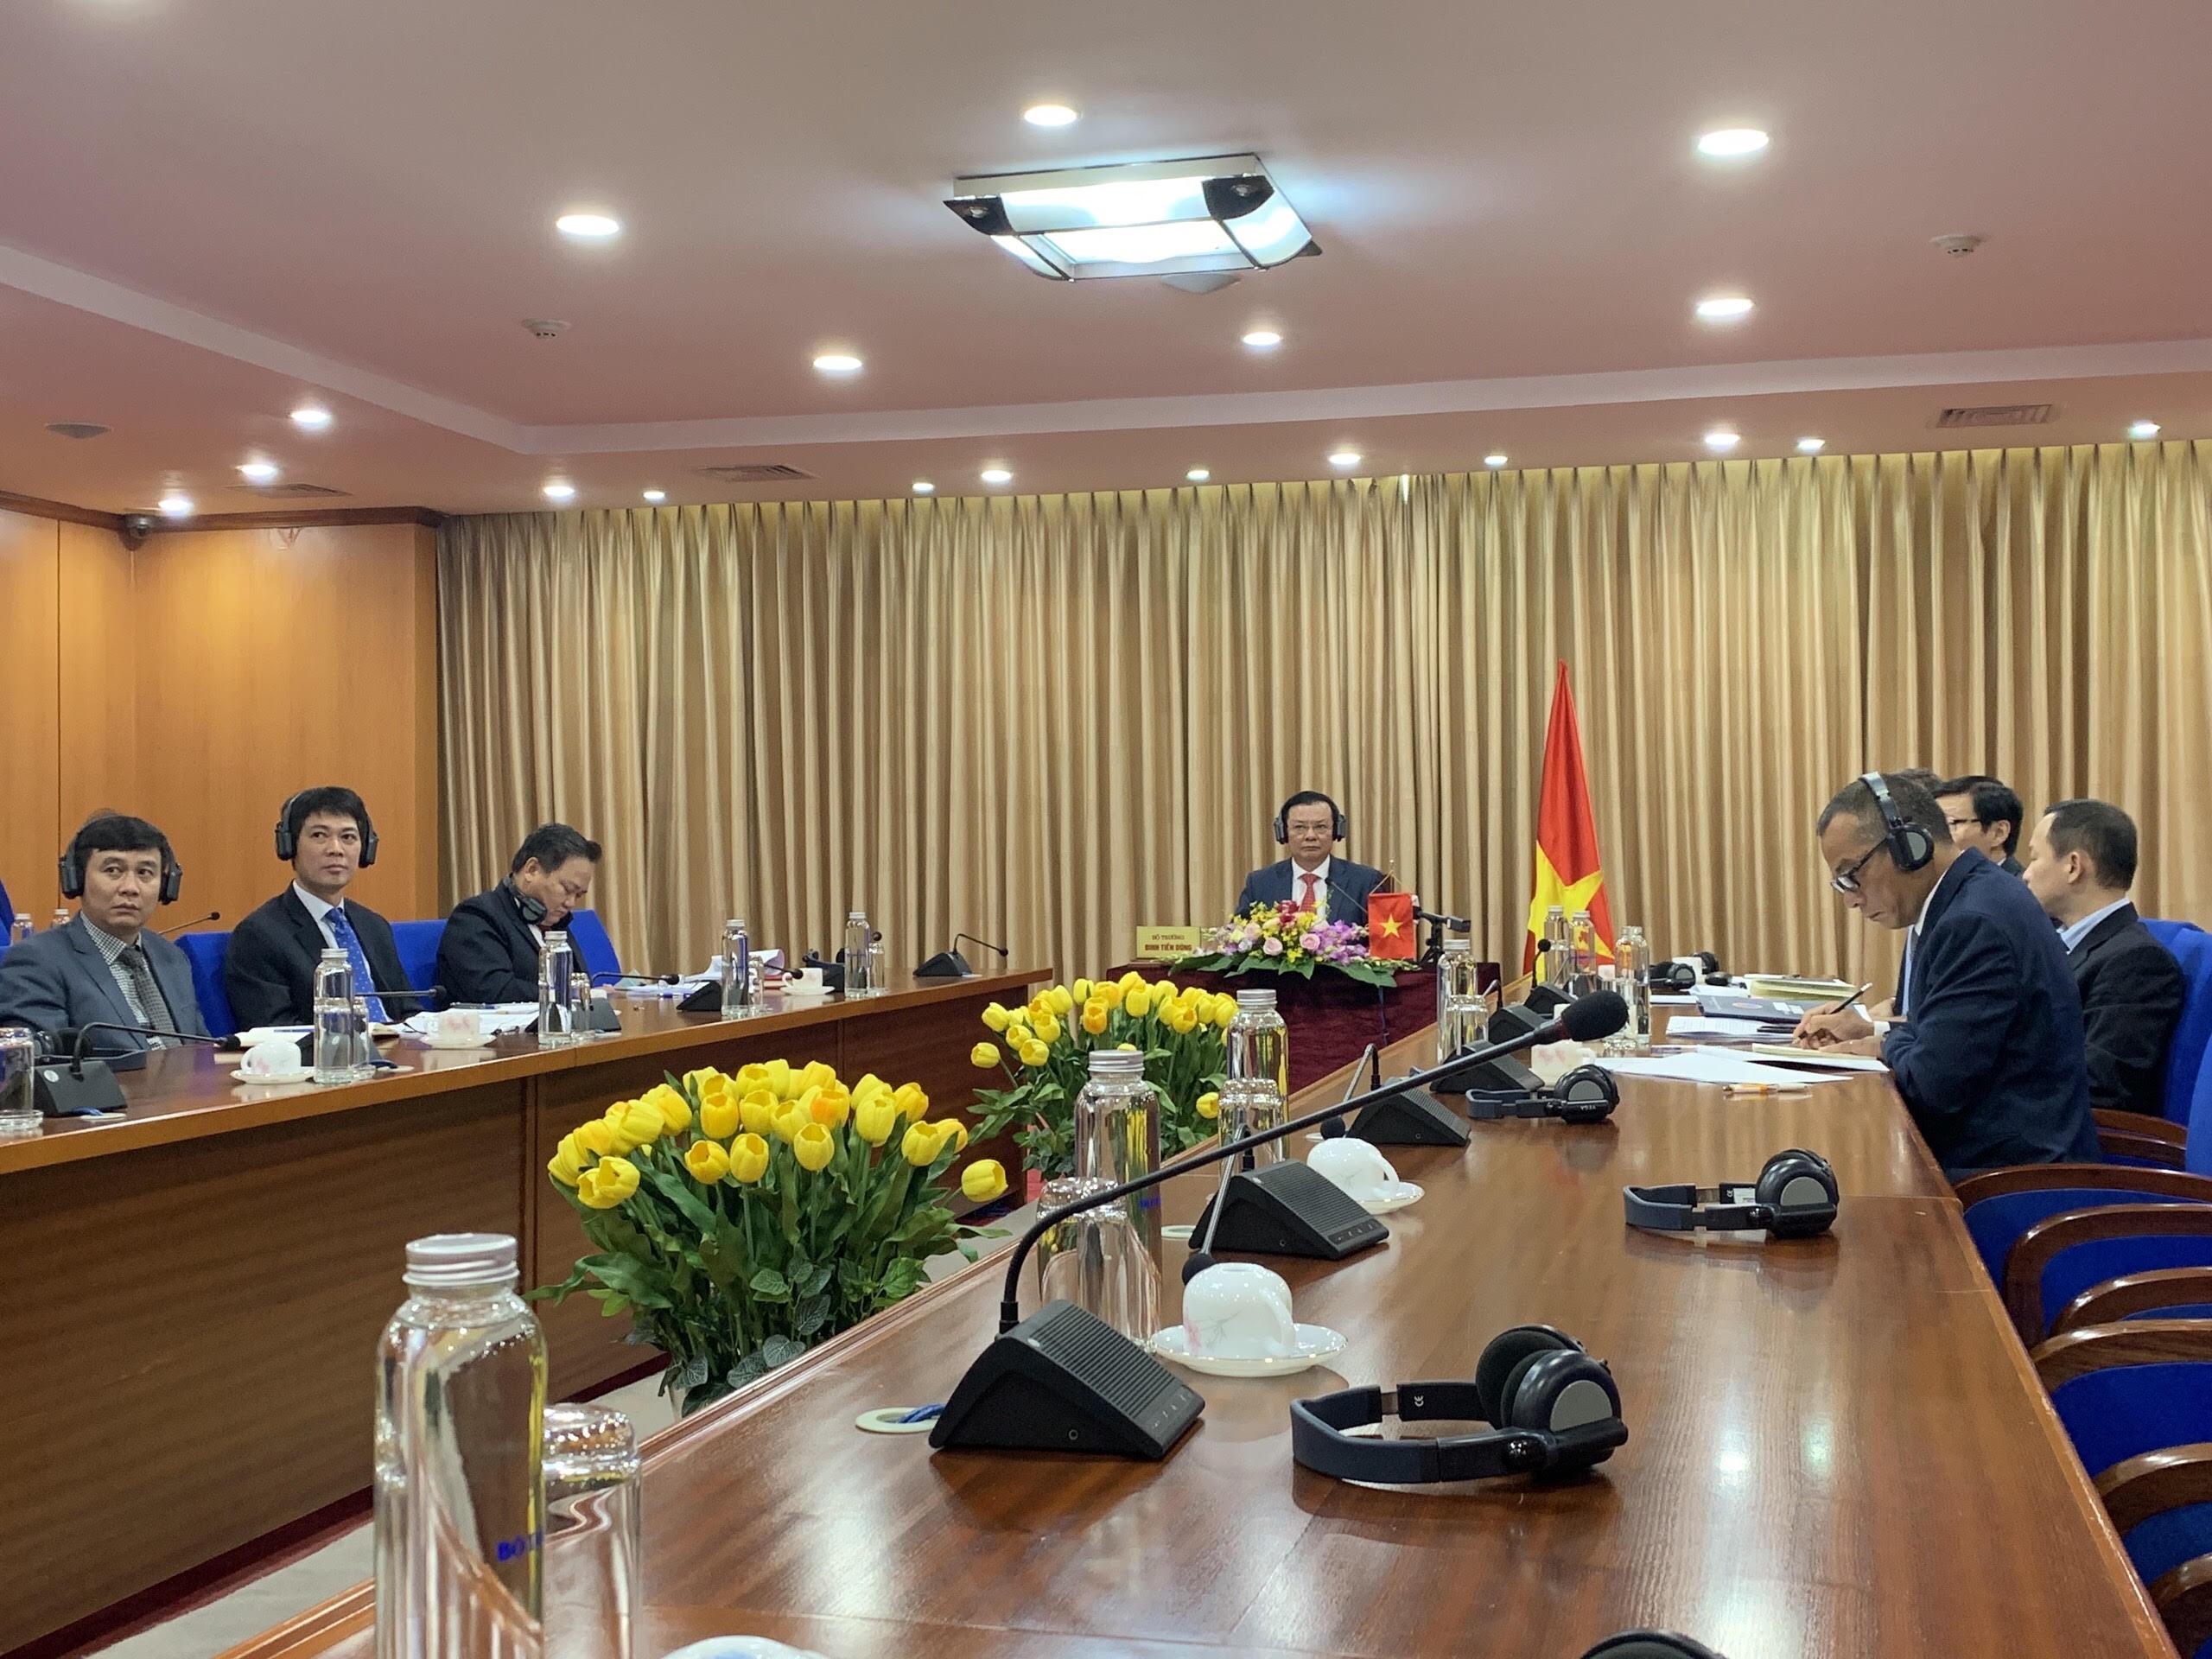 Việt Nam chia sẻ cơ chế tài chính để ứng phó dịch COVID-19 khi nguồn thu giảm